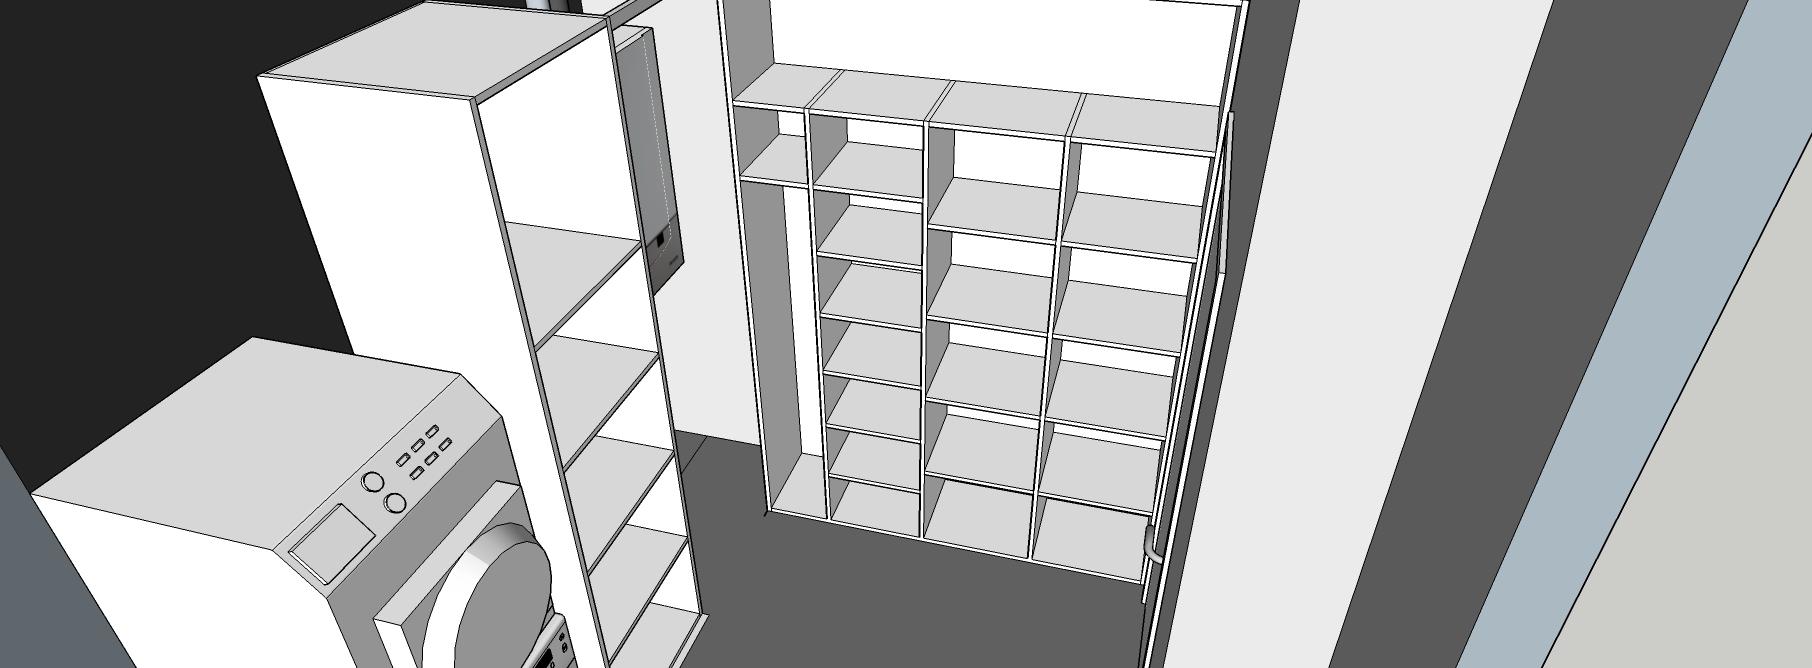 2 berging ontwerp 1 - zicht 2.jpg